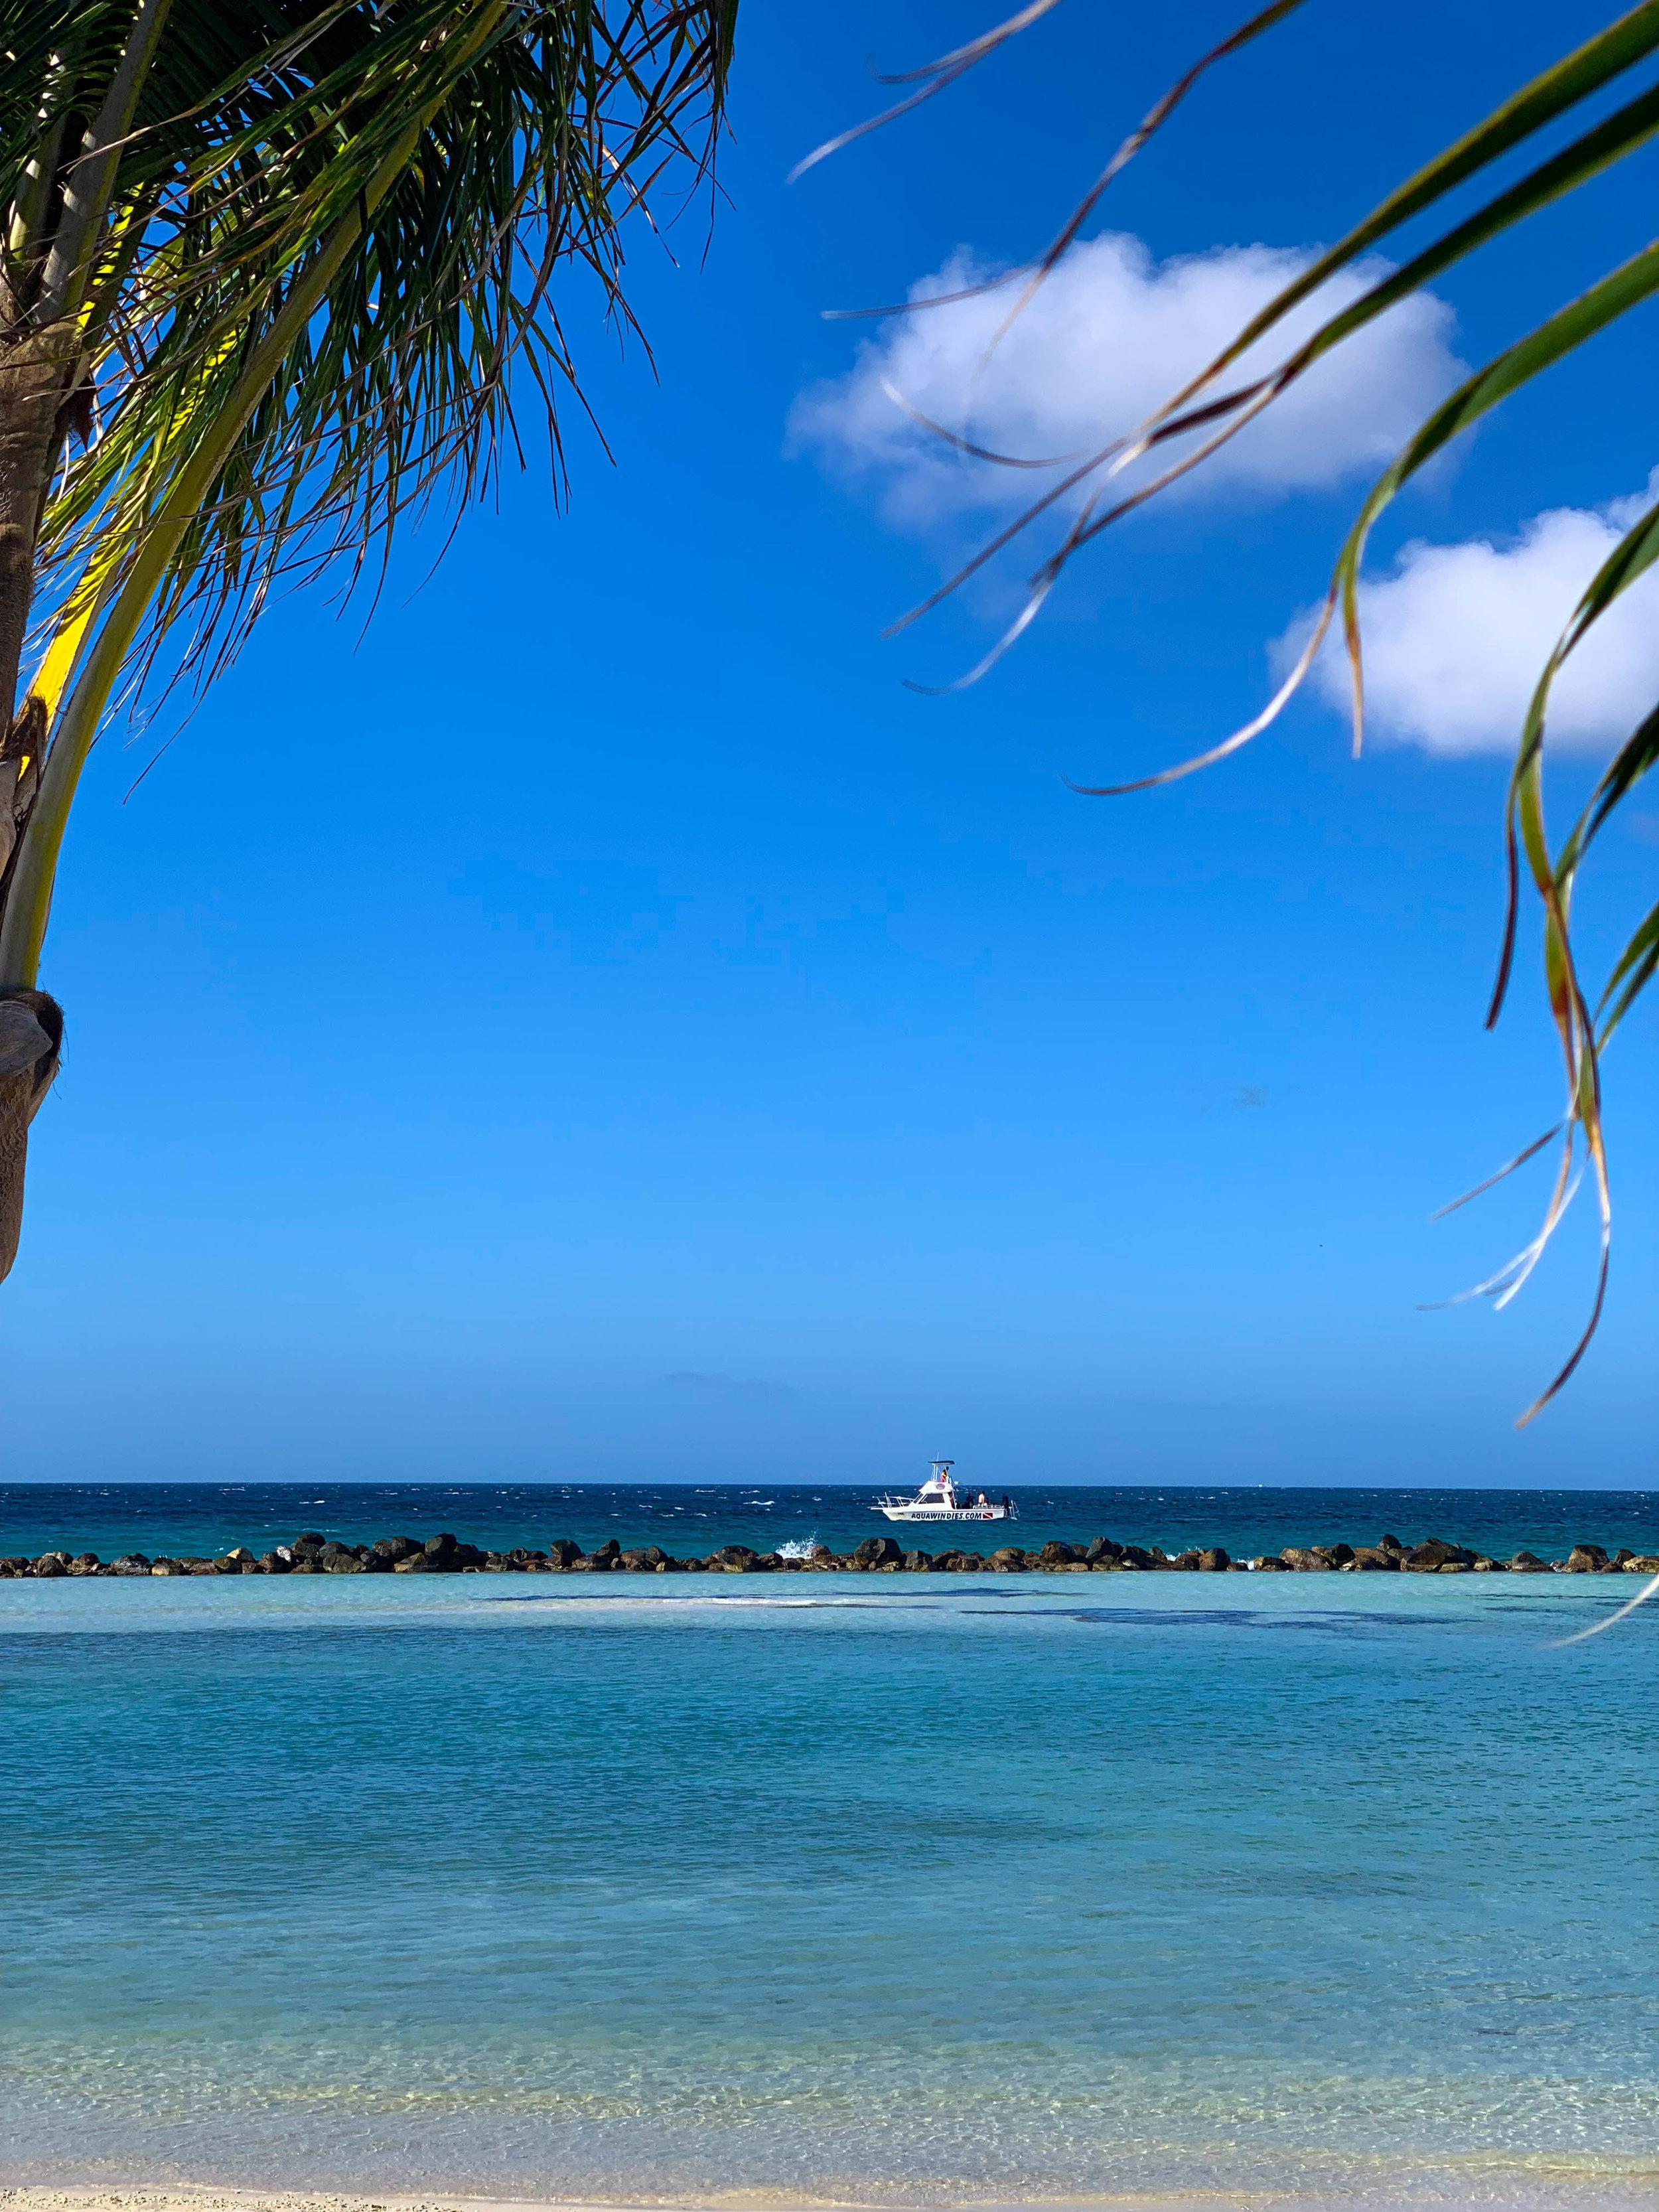 Aruba-Flamingo-Island_Iguana_Beach.jpg